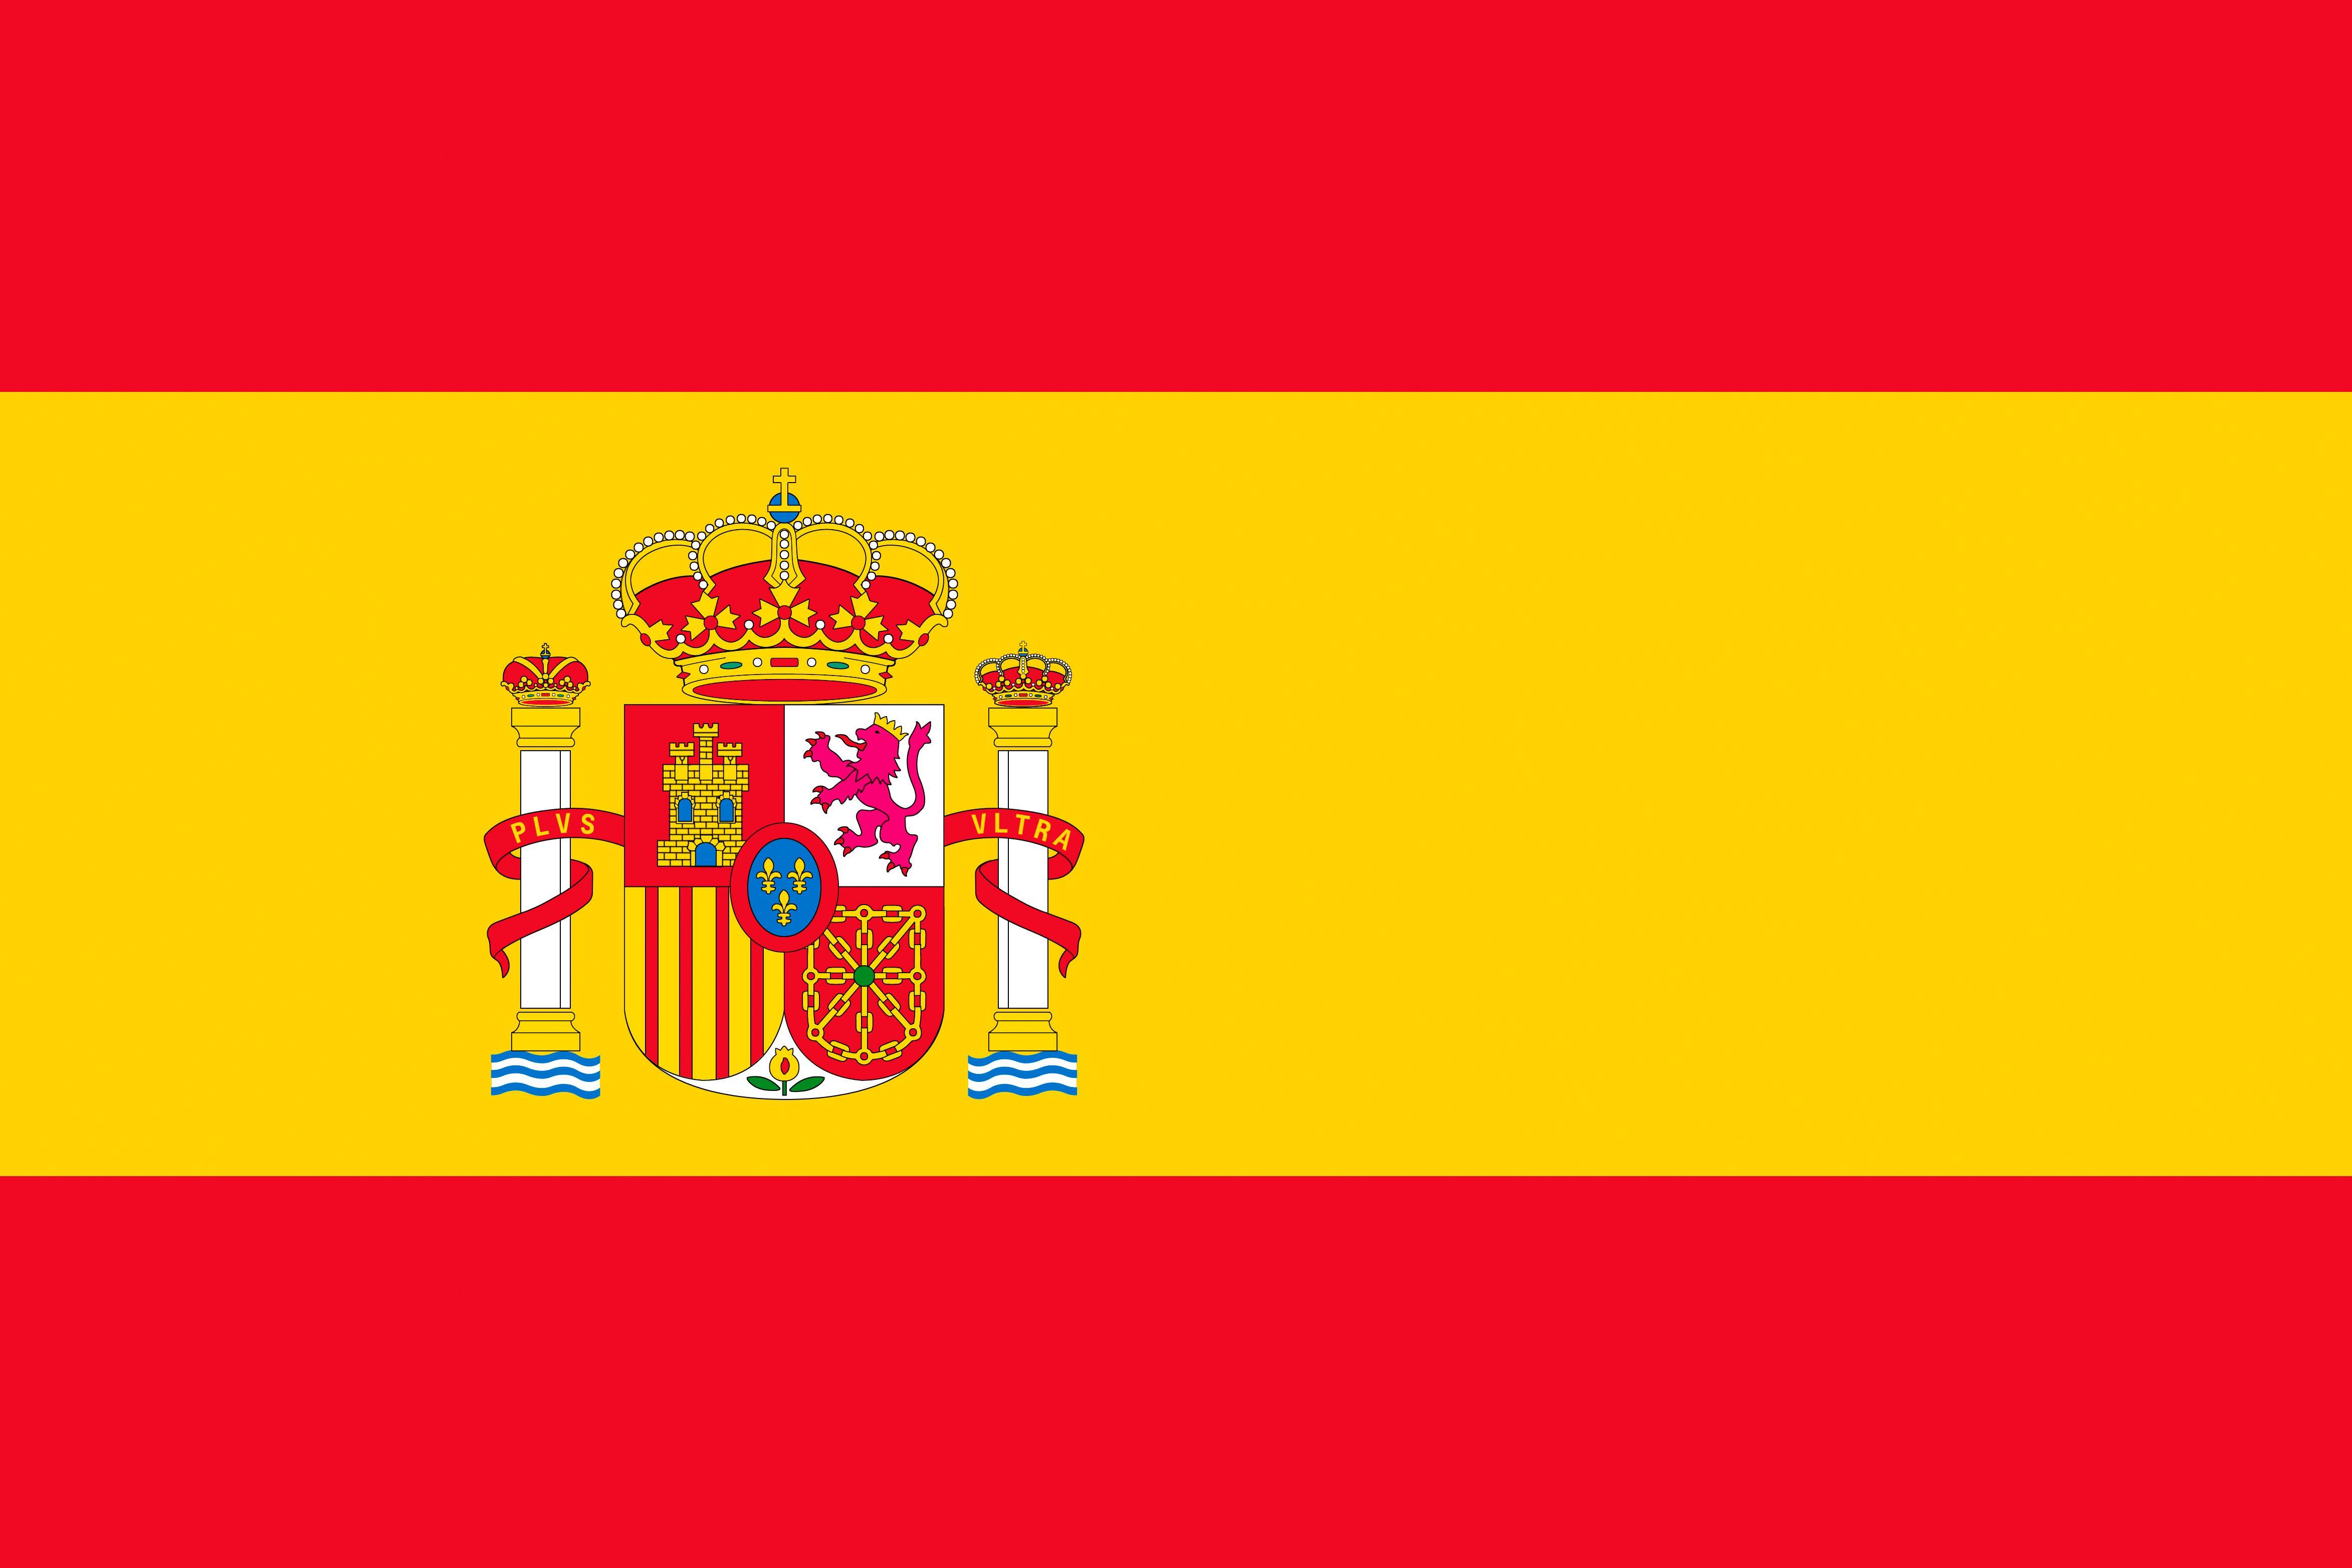 Эмблема ФК «Іспанія»